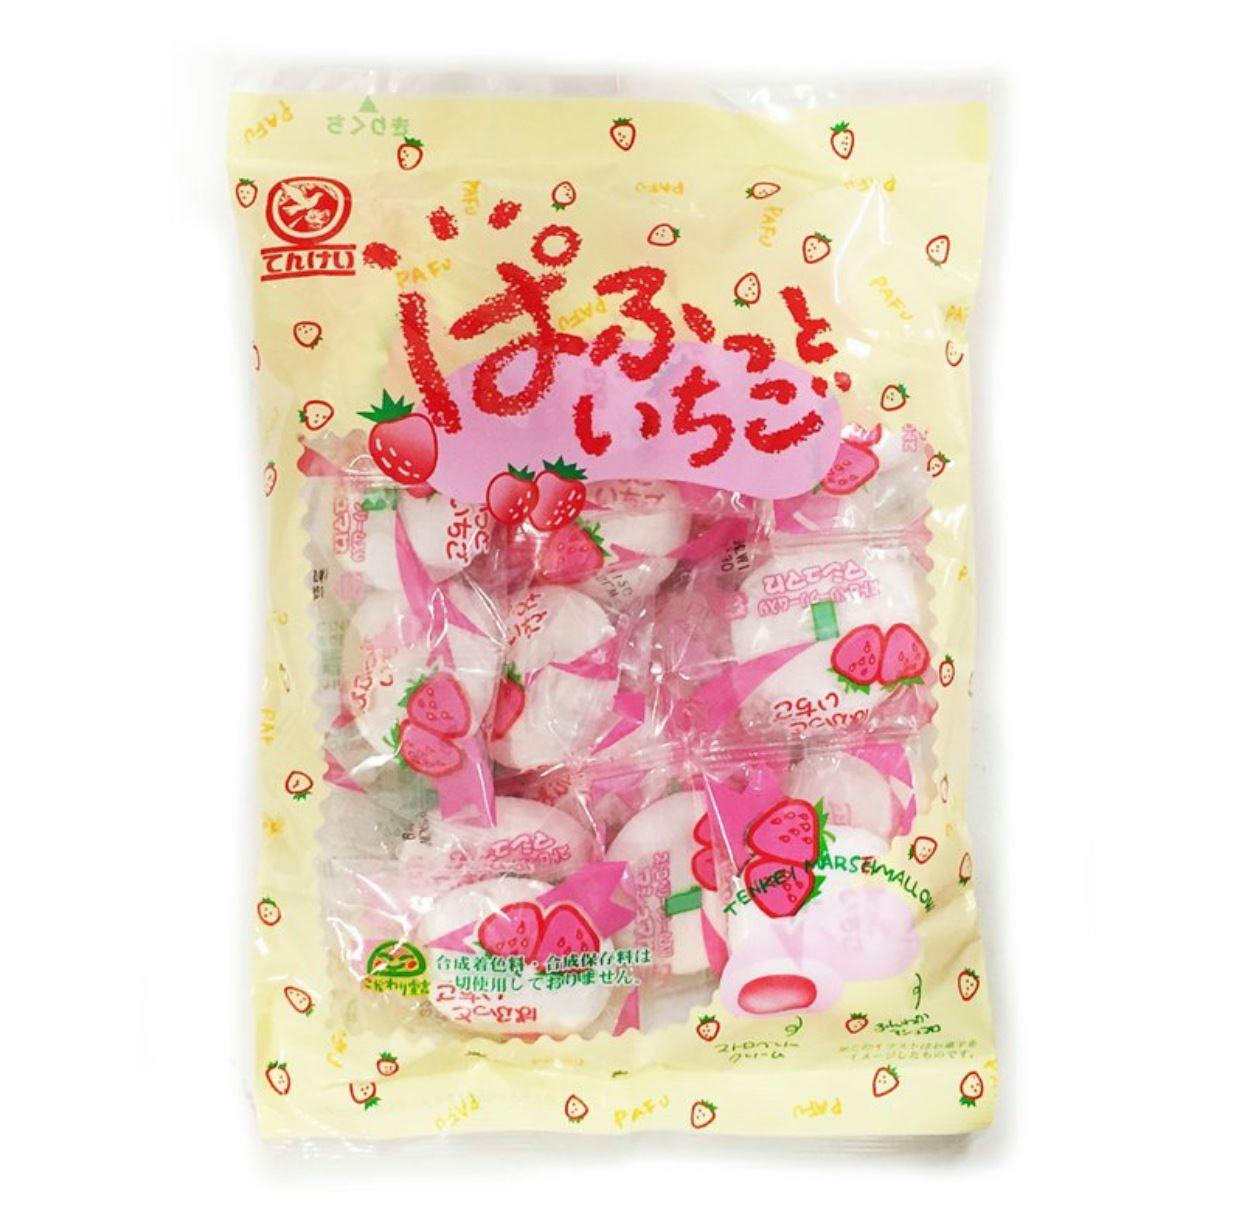 天惠 草莓夾心棉花糖 110g